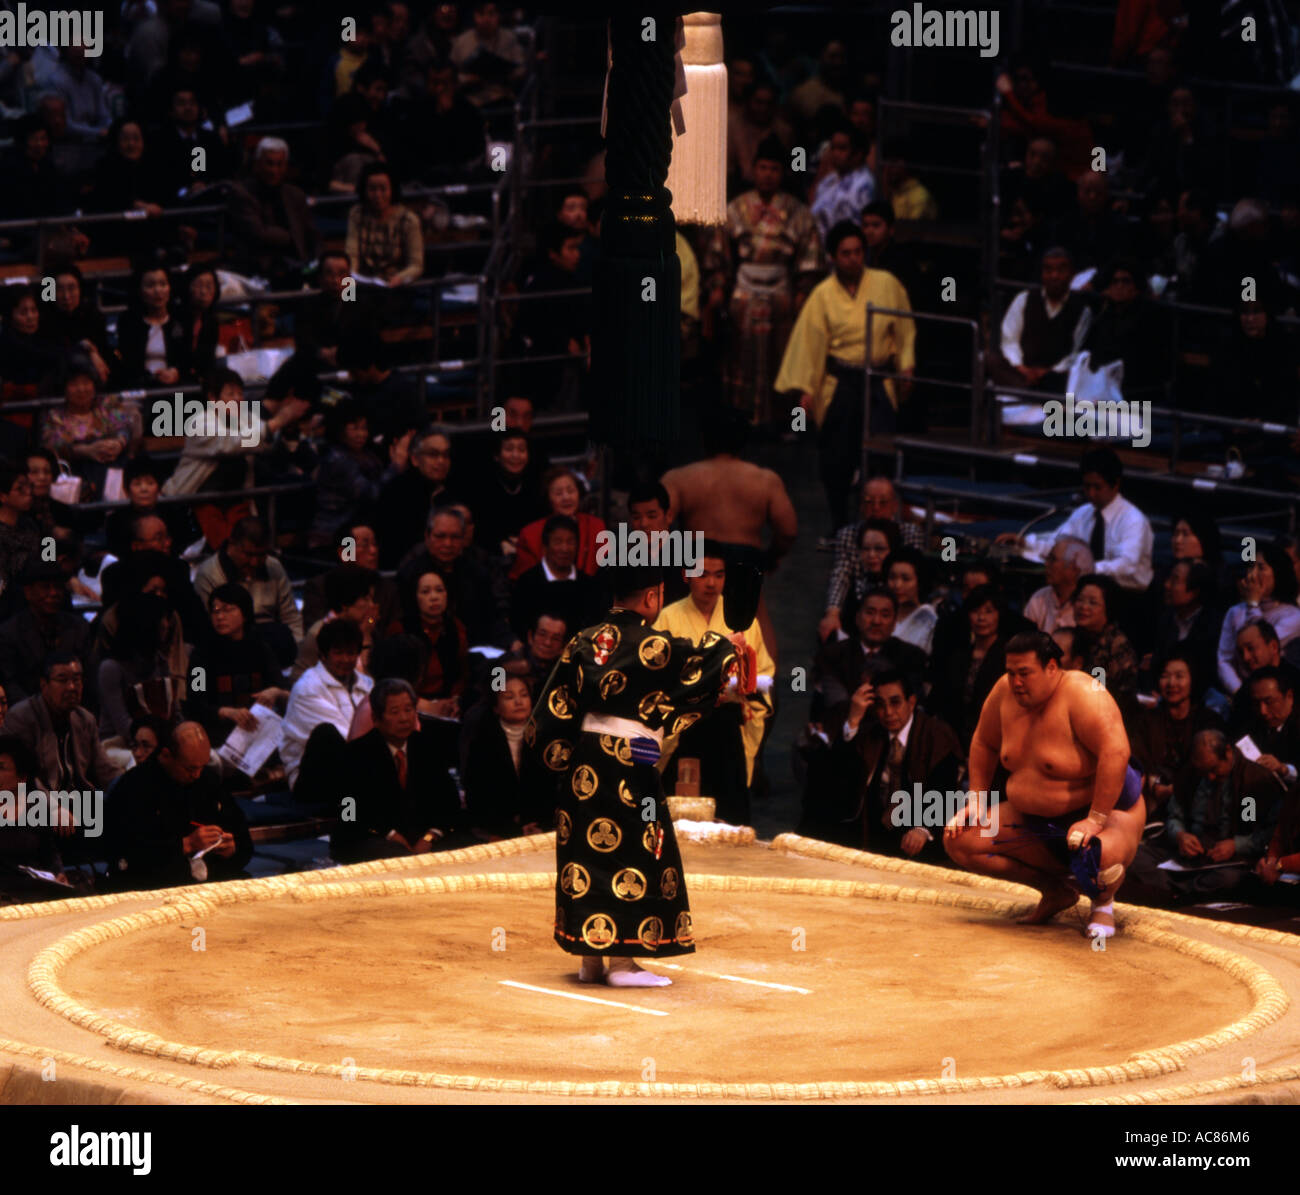 Giudice awards lottatore di sumo a Osaka Basho 2006 Immagini Stock